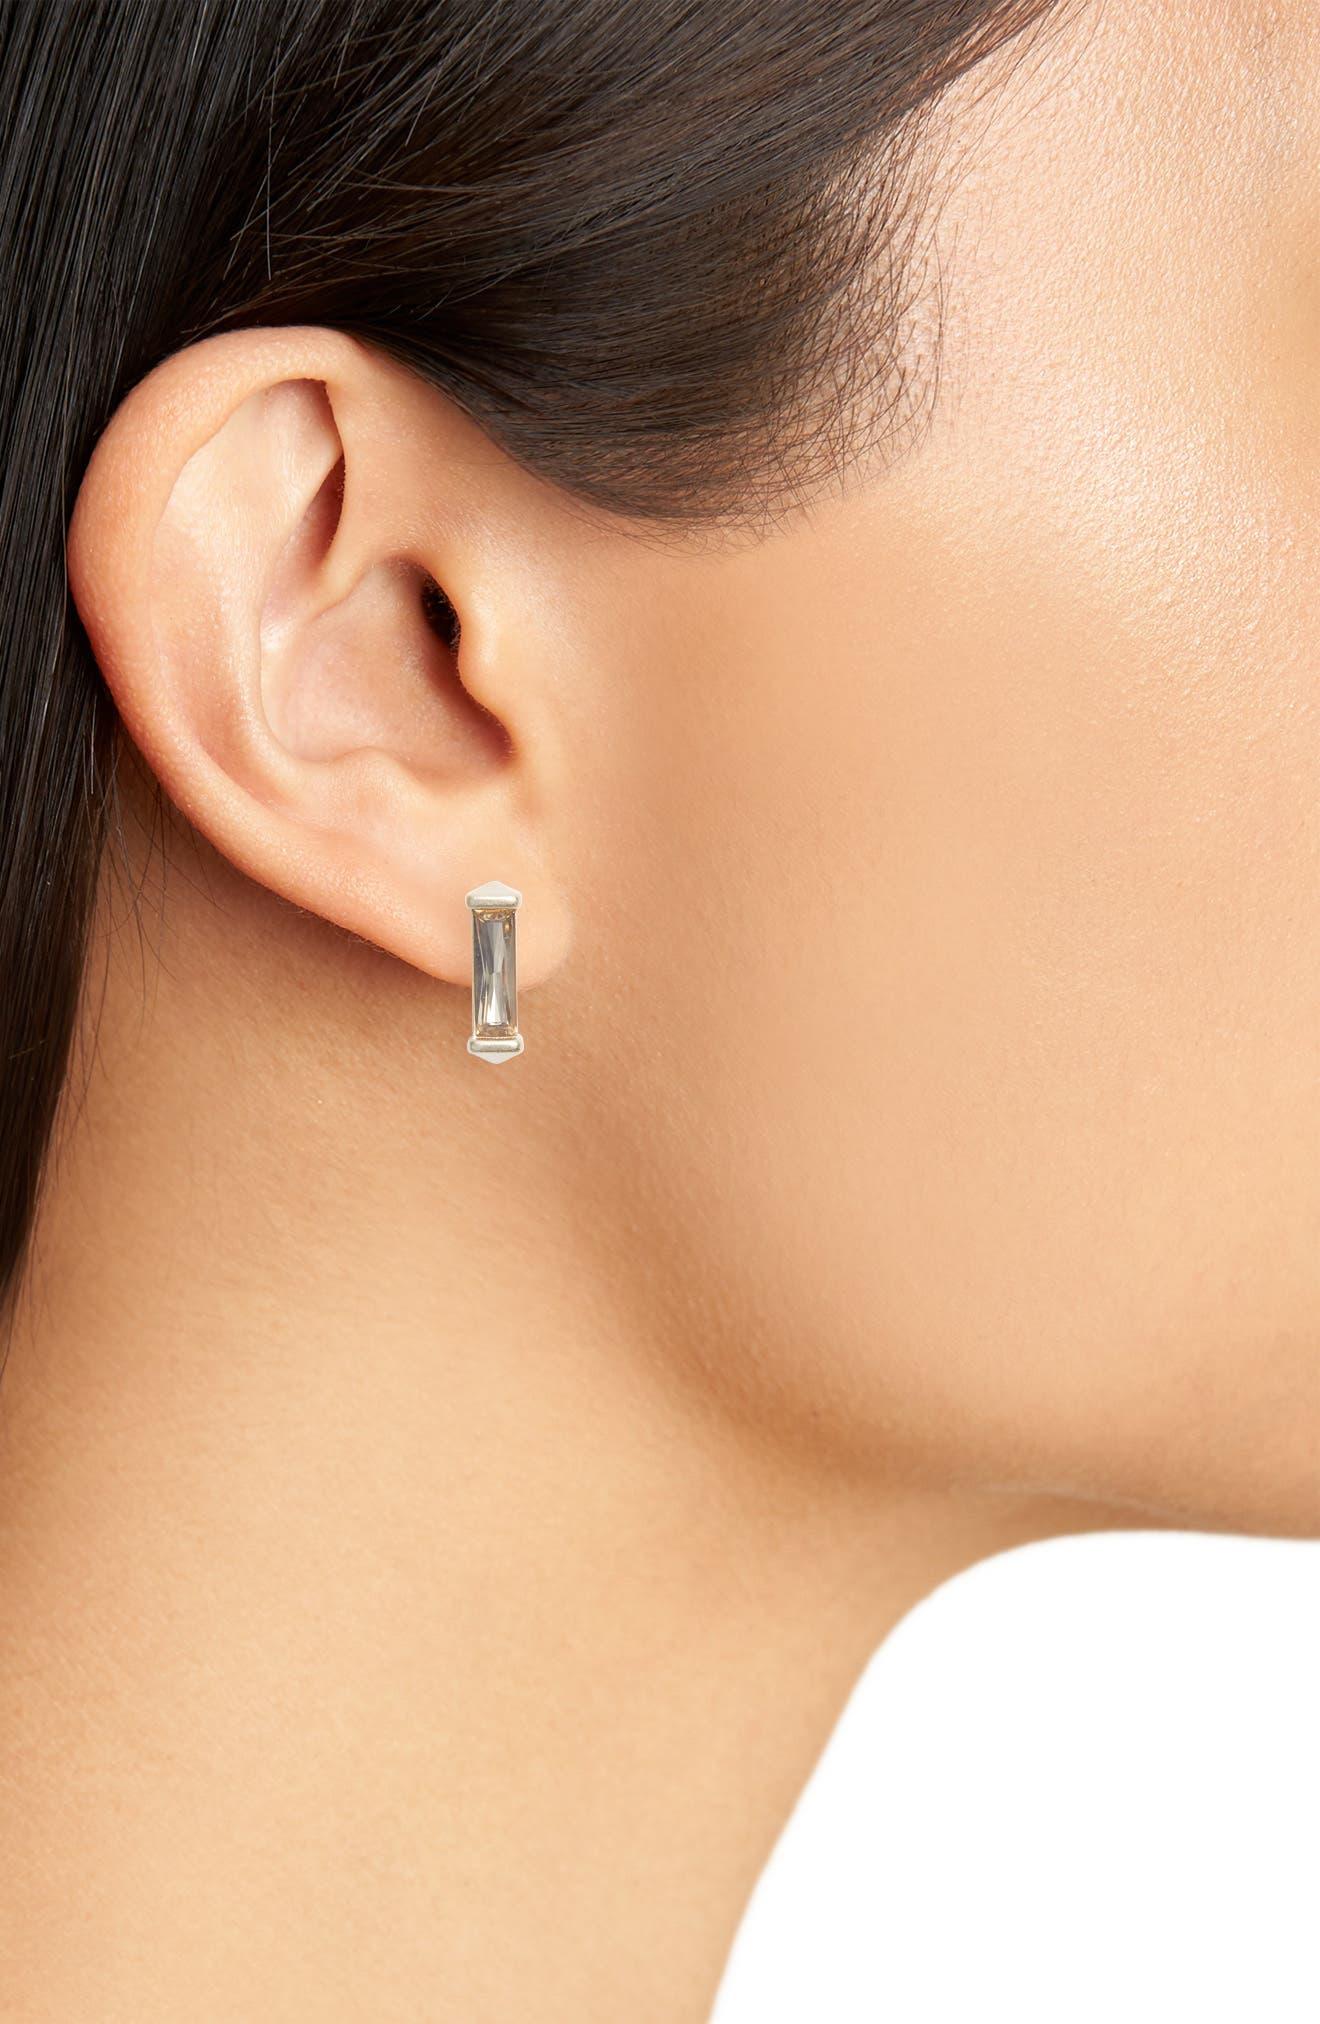 Fletcher Stud Earrings,                             Alternate thumbnail 2, color,                             020